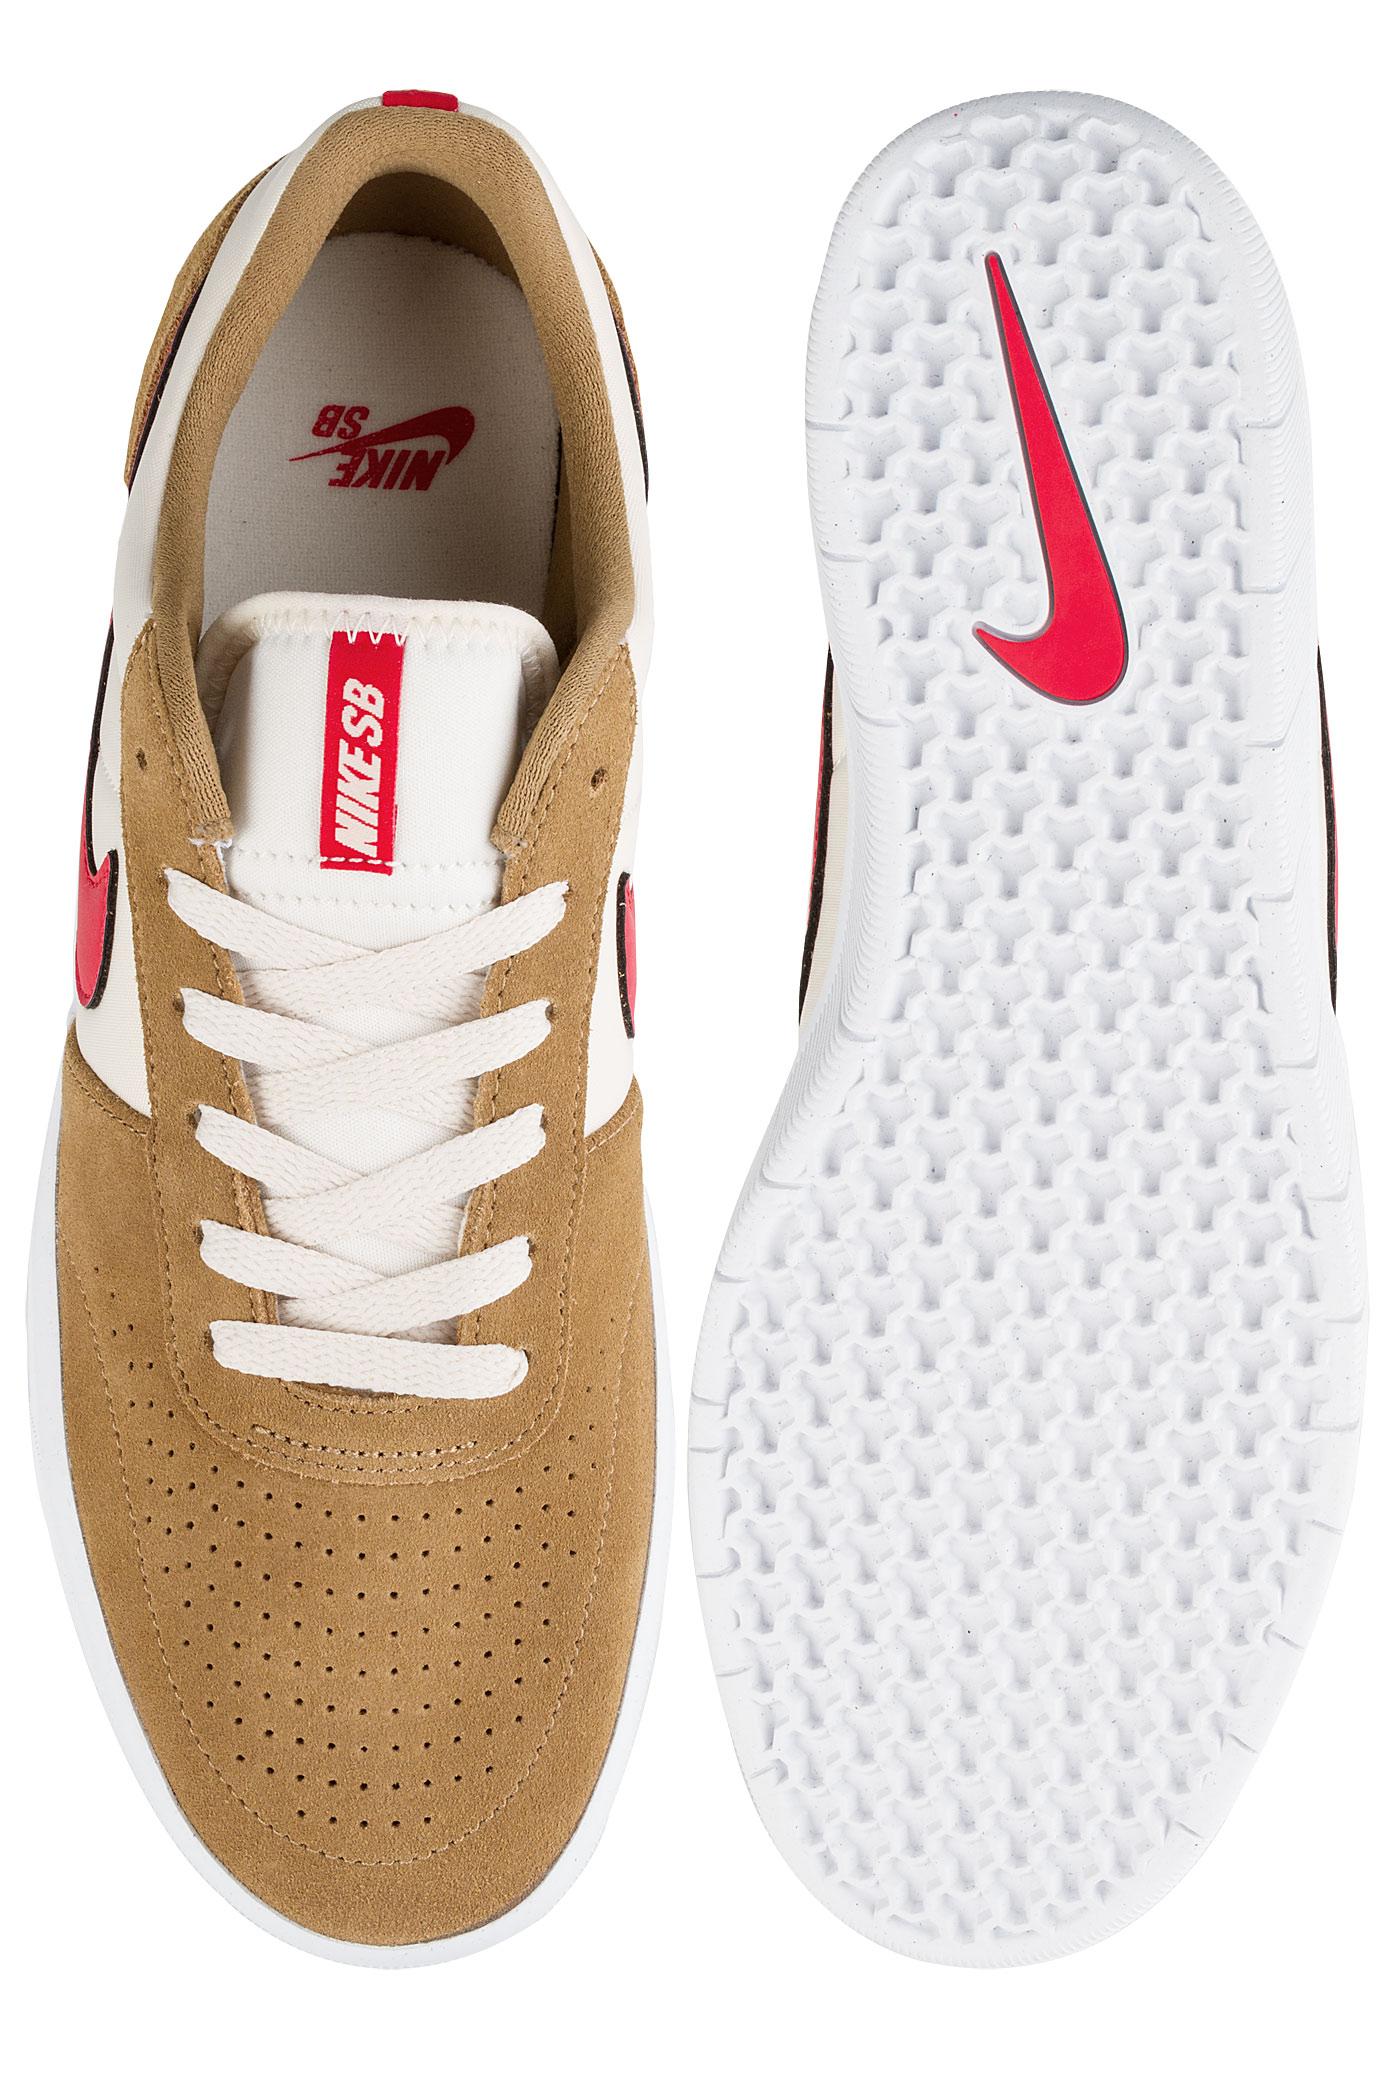 Nike Classic Chaussuregolden Beige University Red Sb Team v0NwOm8n